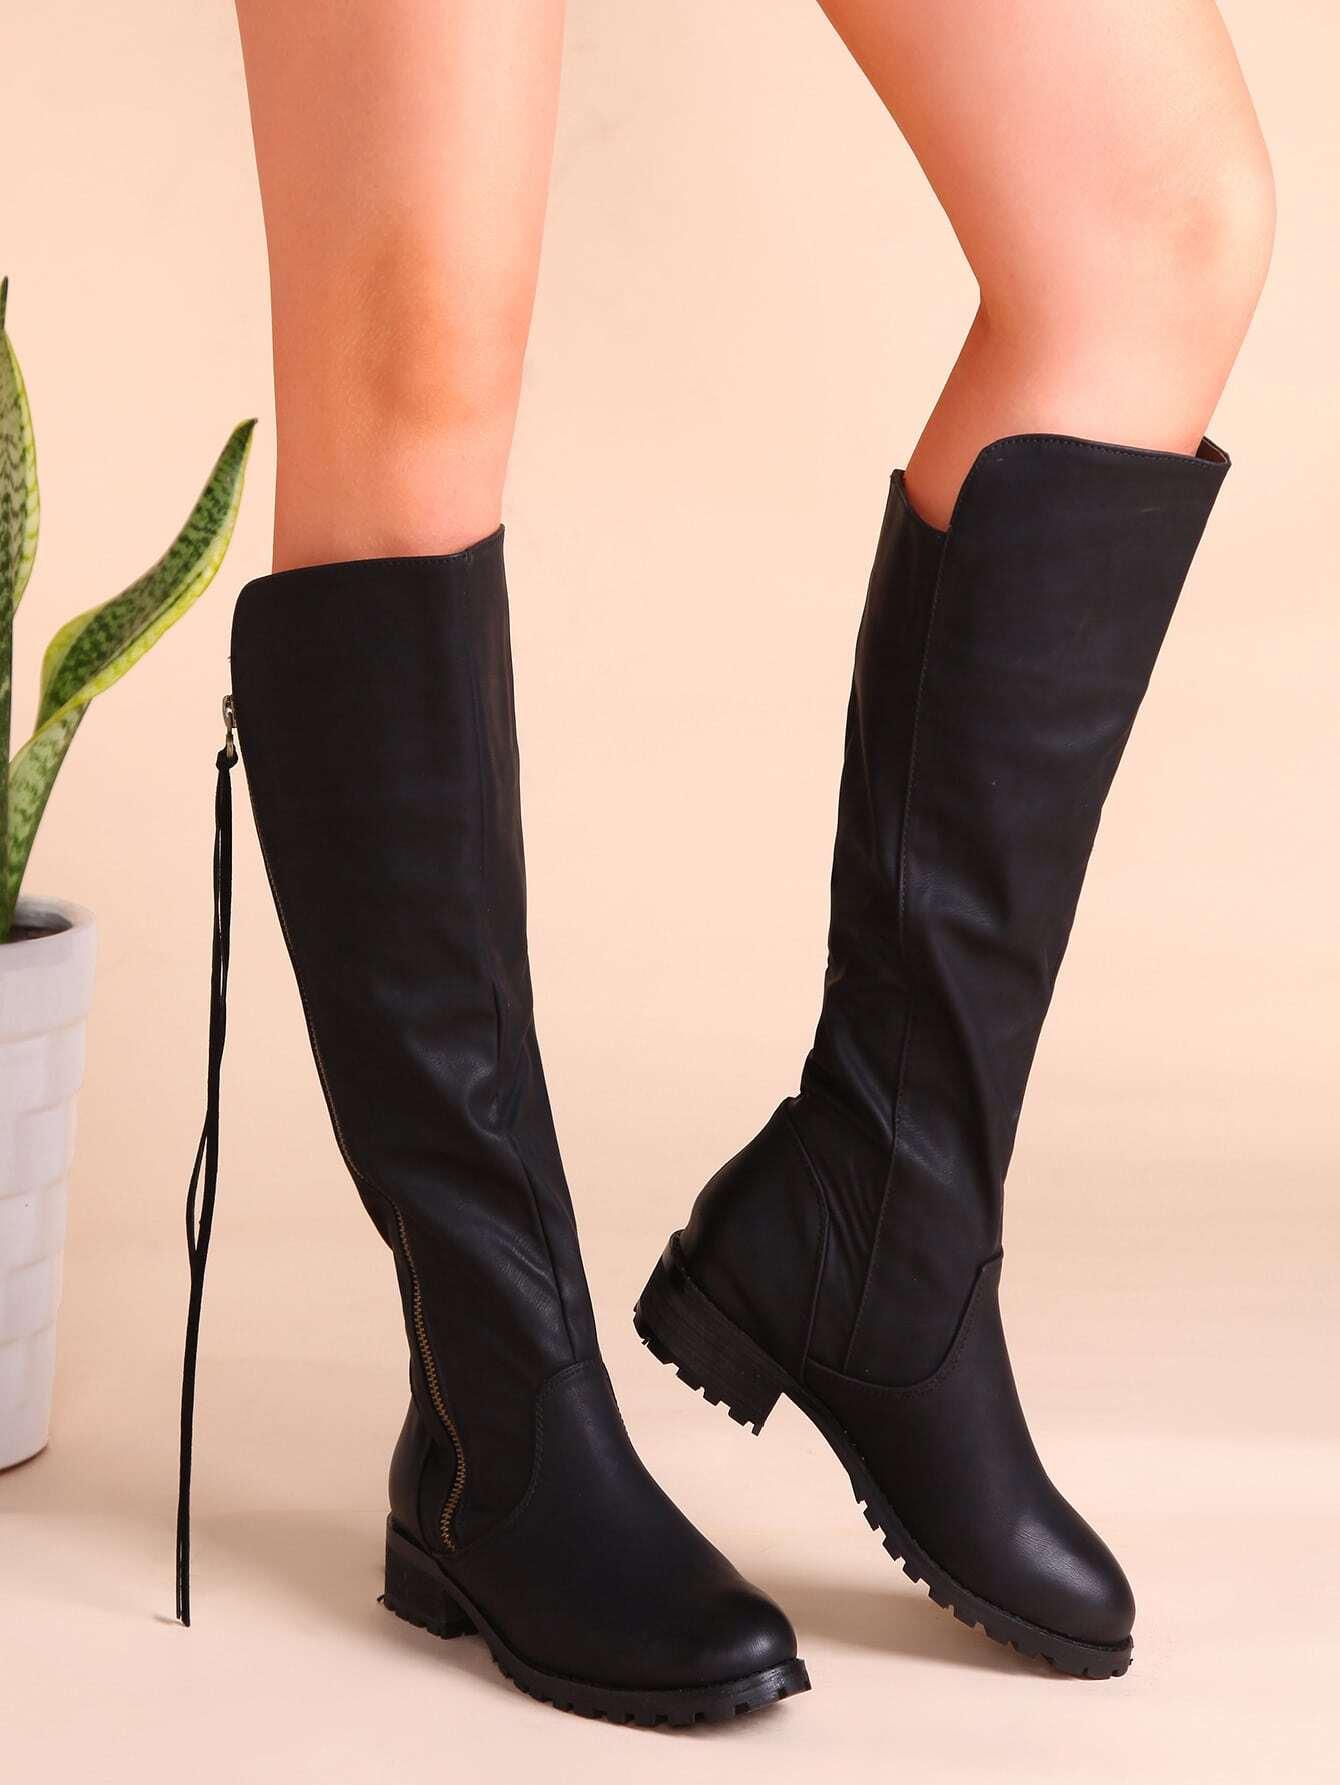 shoes161110801_2